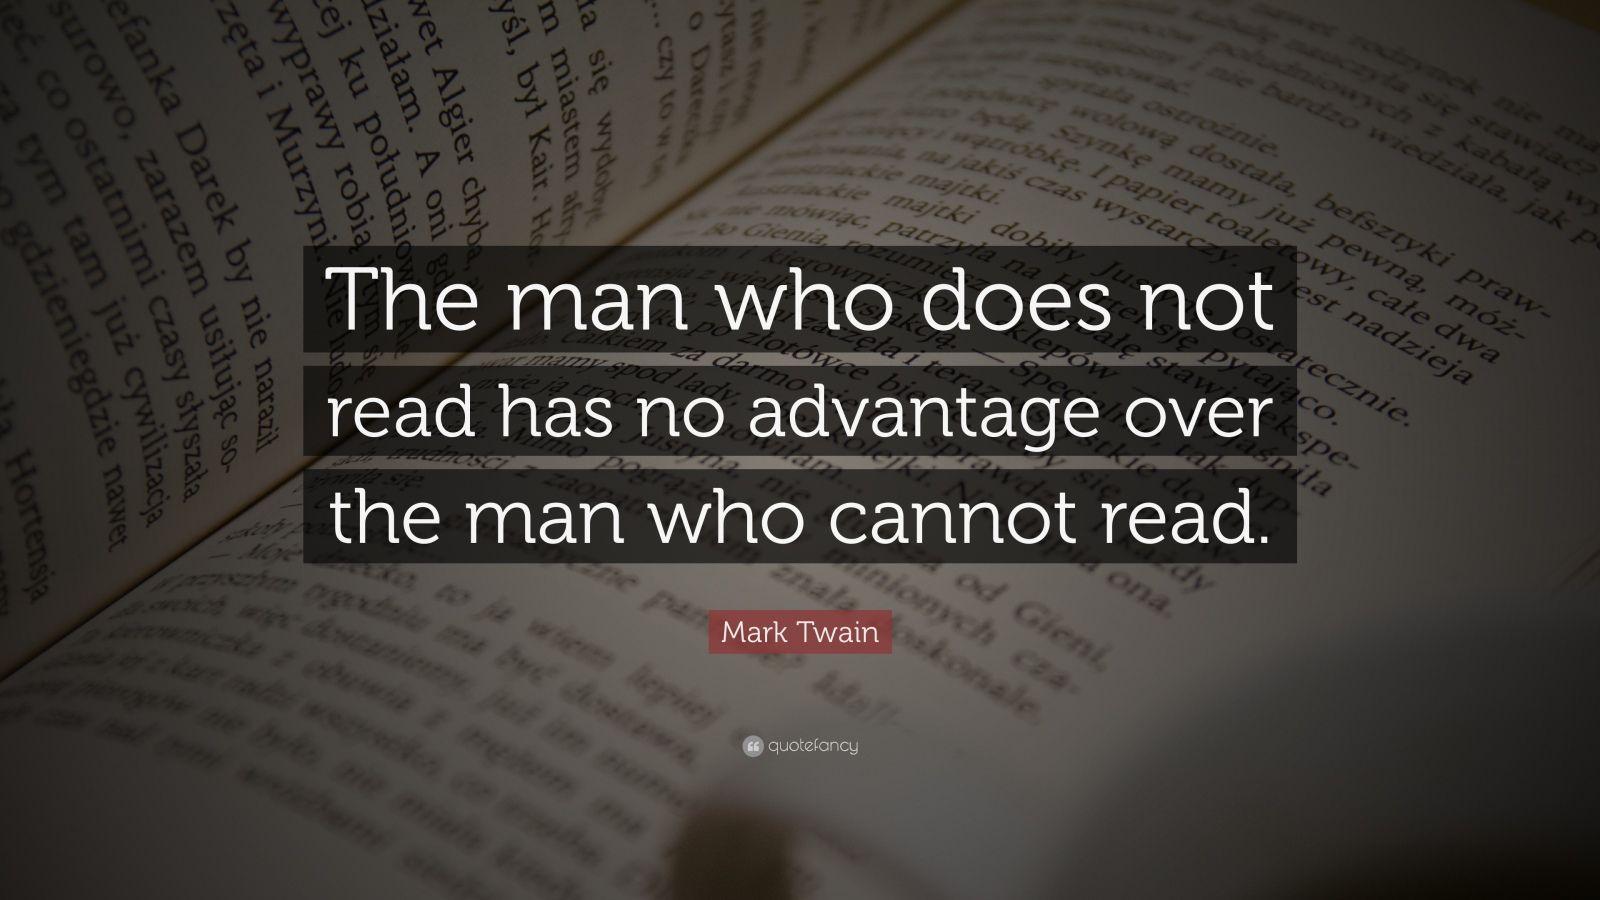 «Ο άνδρας που υπολείπεται στην ανάγνωση δεν πλεονεκτεί απέναντι σε εκείνον που δεν μπορεί»